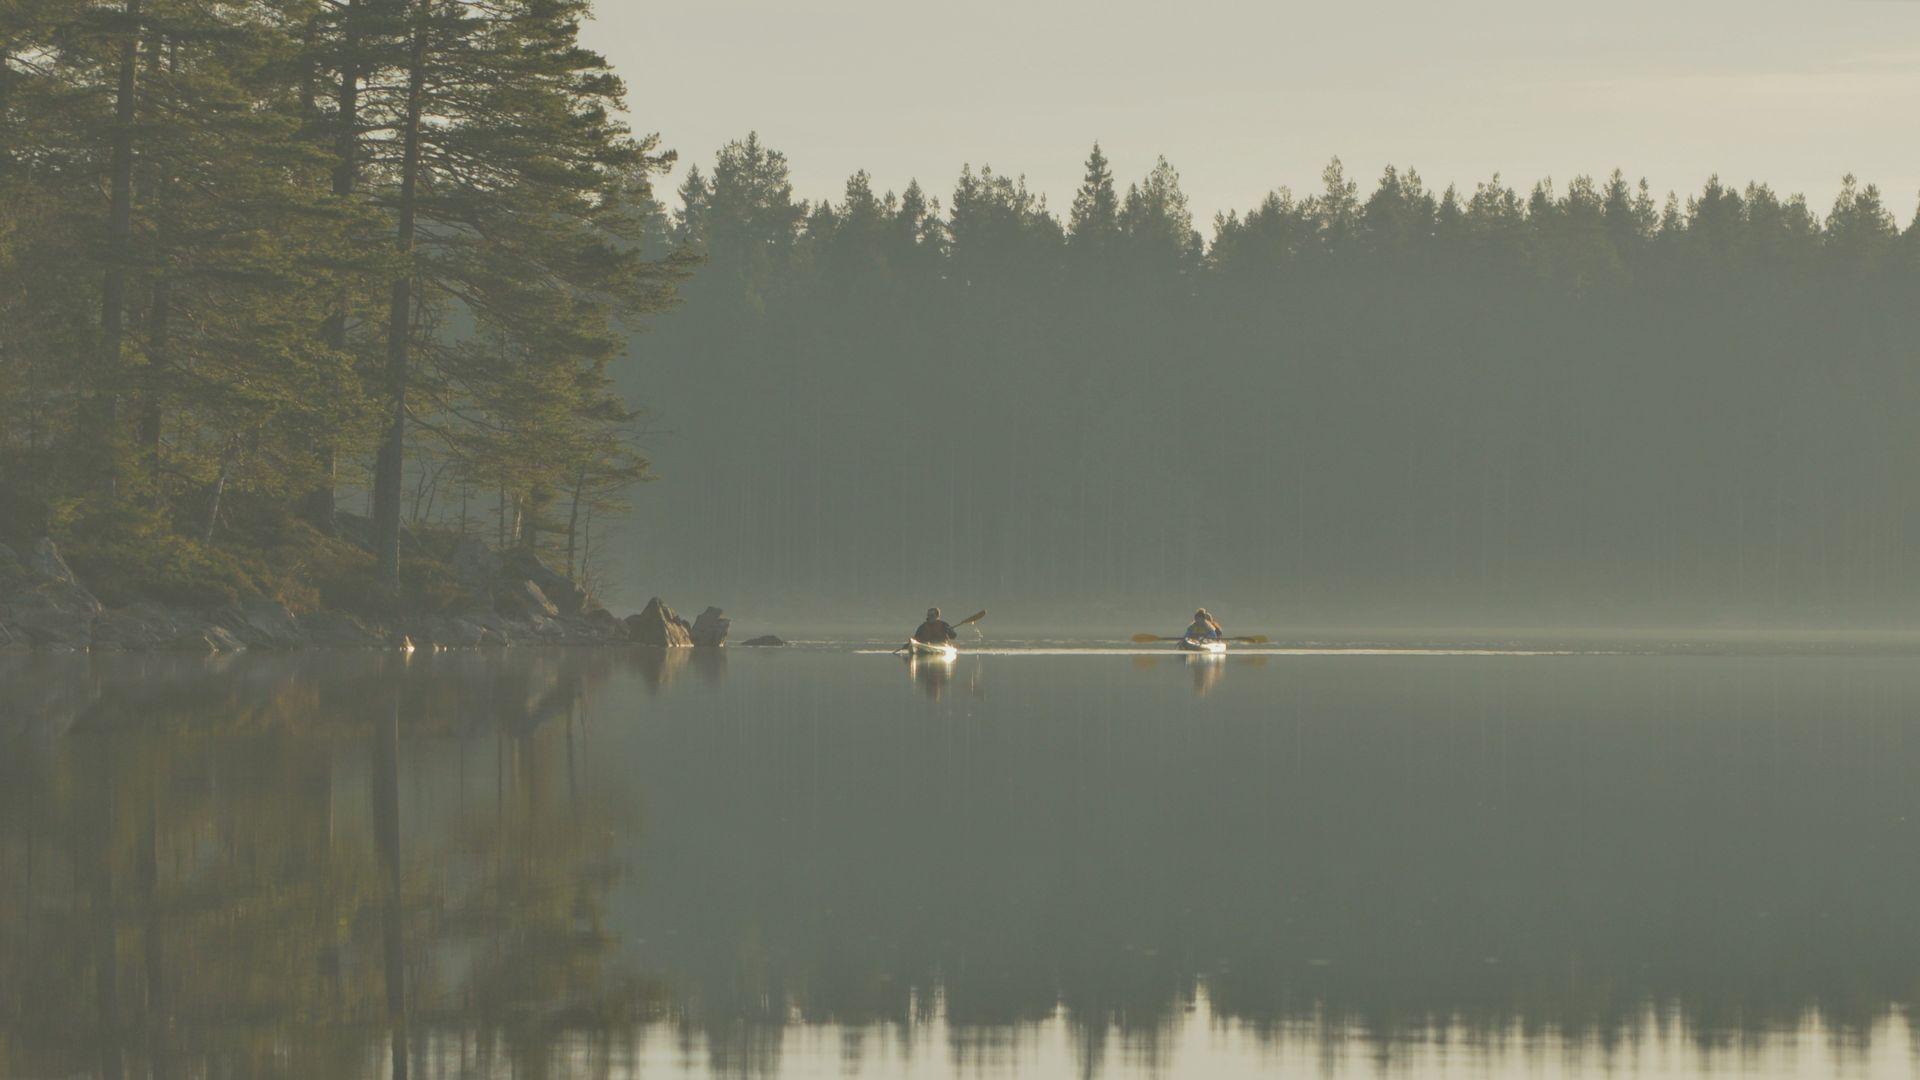 Två personer paddlar i varsin kajak på en dimmig sjö. Pressbild.